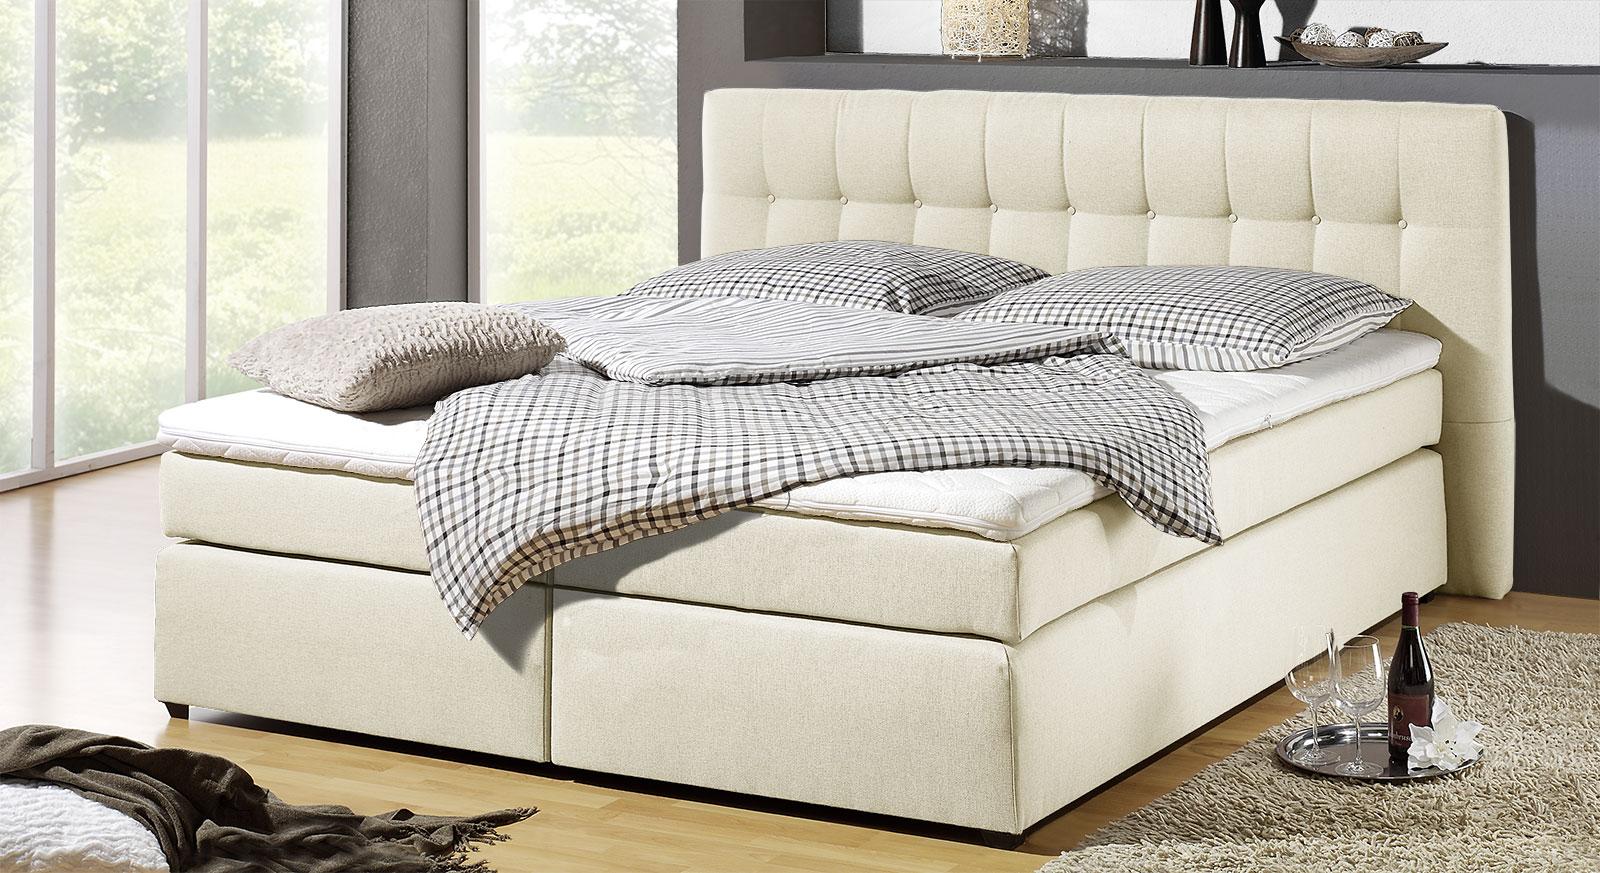 Full Size of Betten Bewertung Lippstadt Boxspringbett In H3 Bis 120kg Krpergewicht Chicago Bettende Bett Www.betten.de